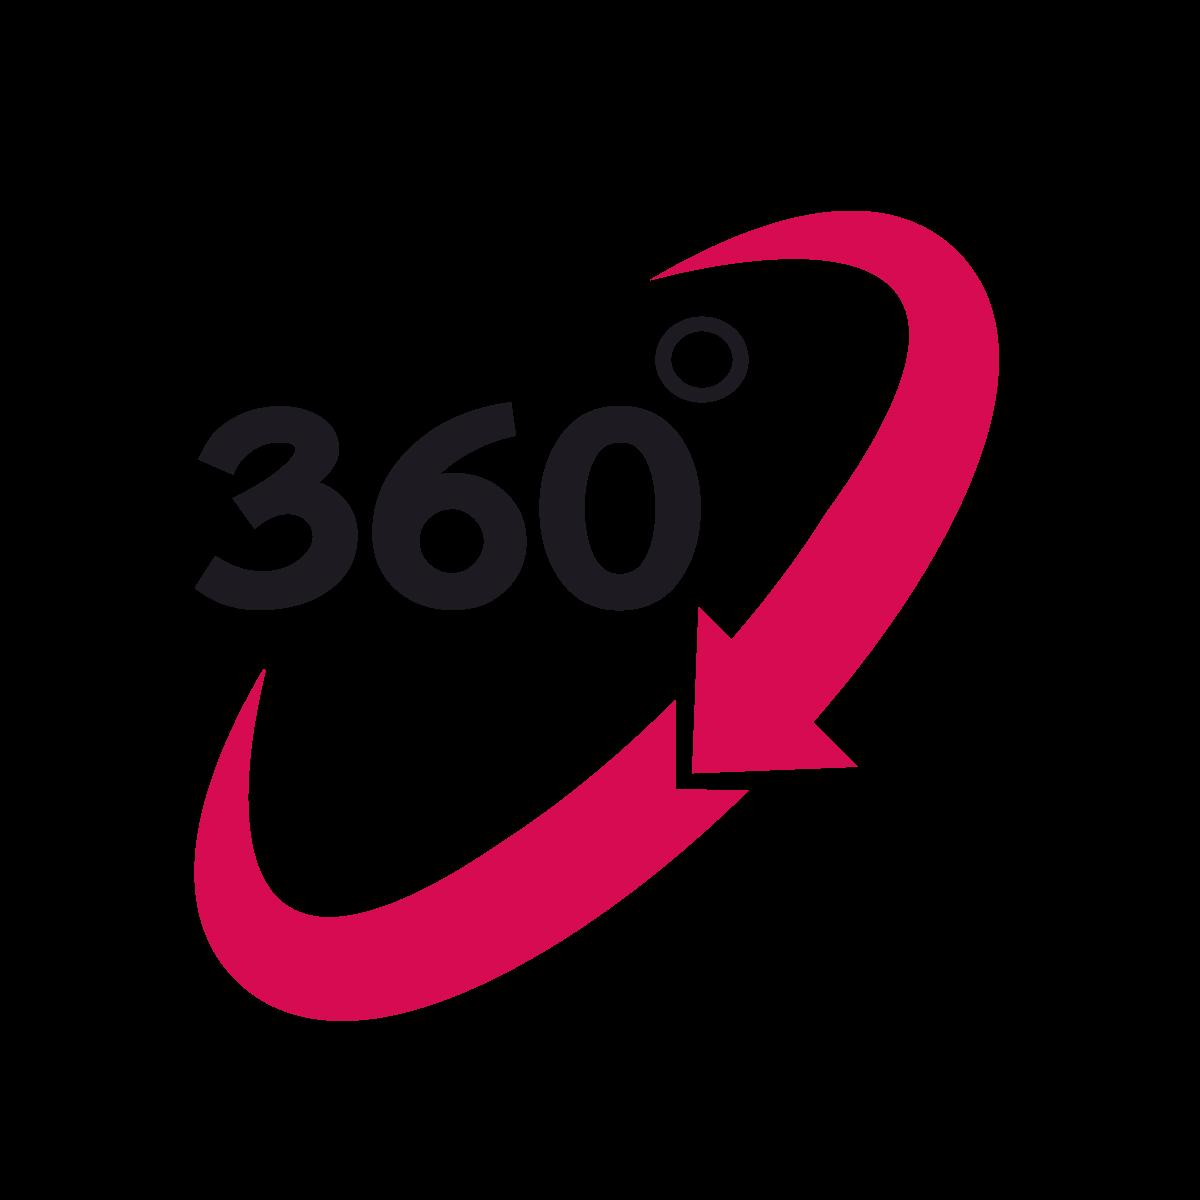 360 grad circle